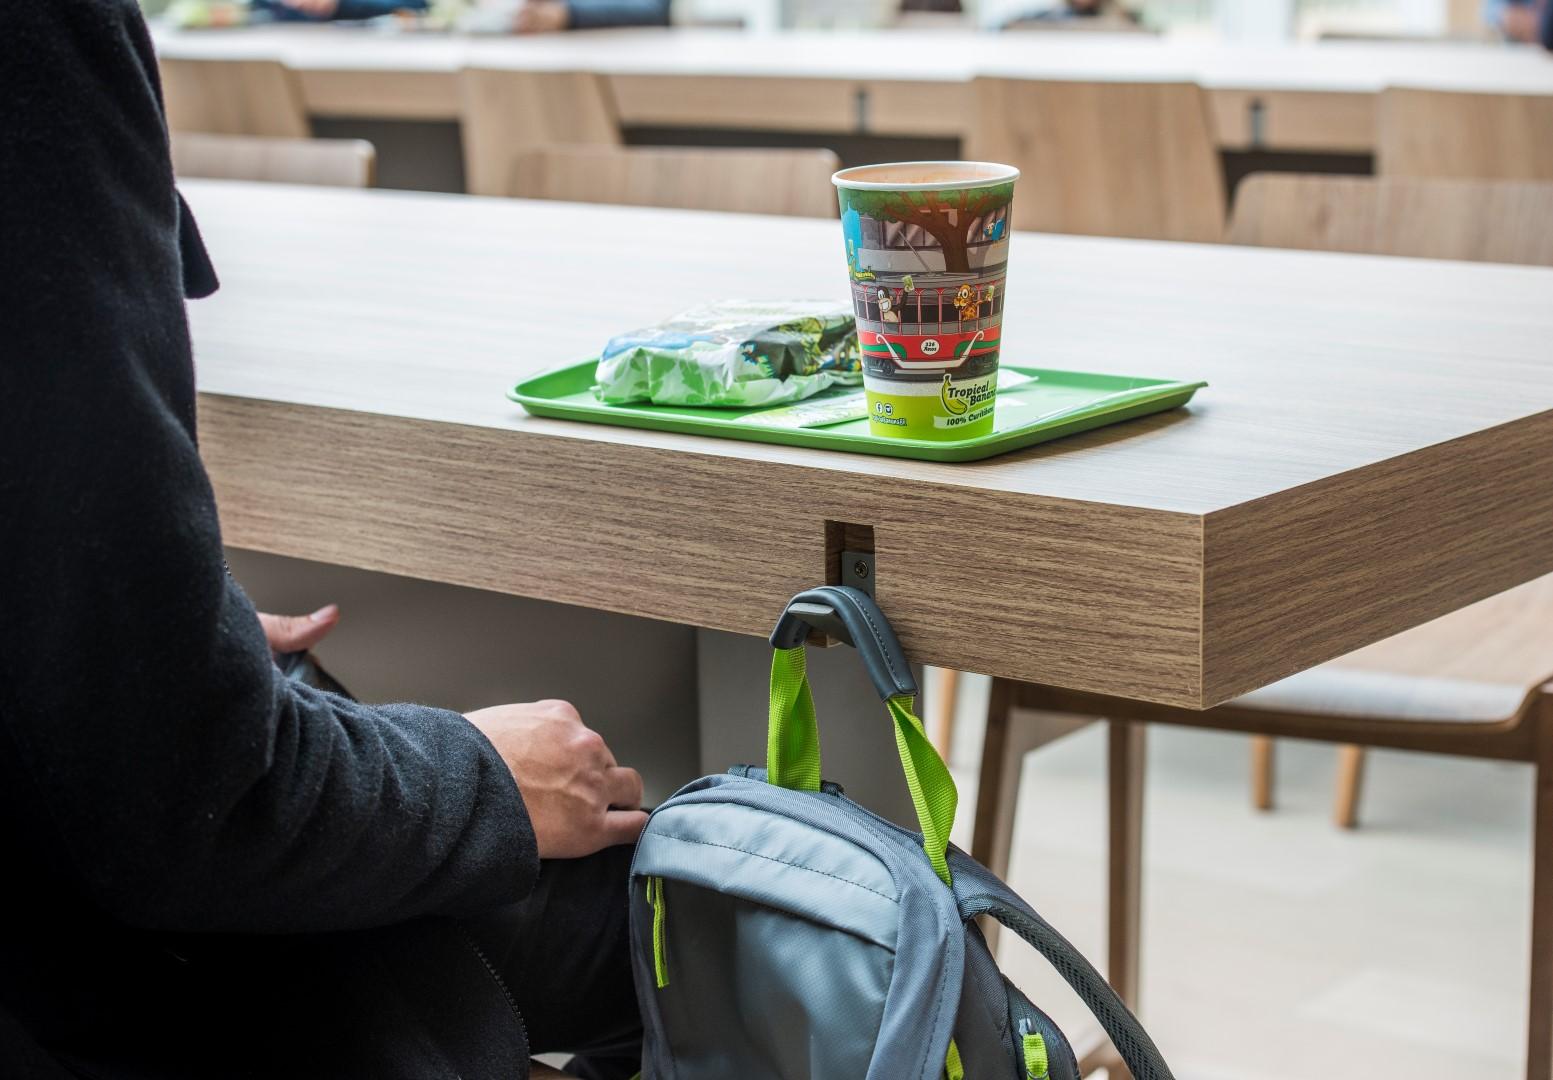 Detalhes do mobiliário na praça de alimentação. Foto: Letícia Akemi / Gazeta do Povo.